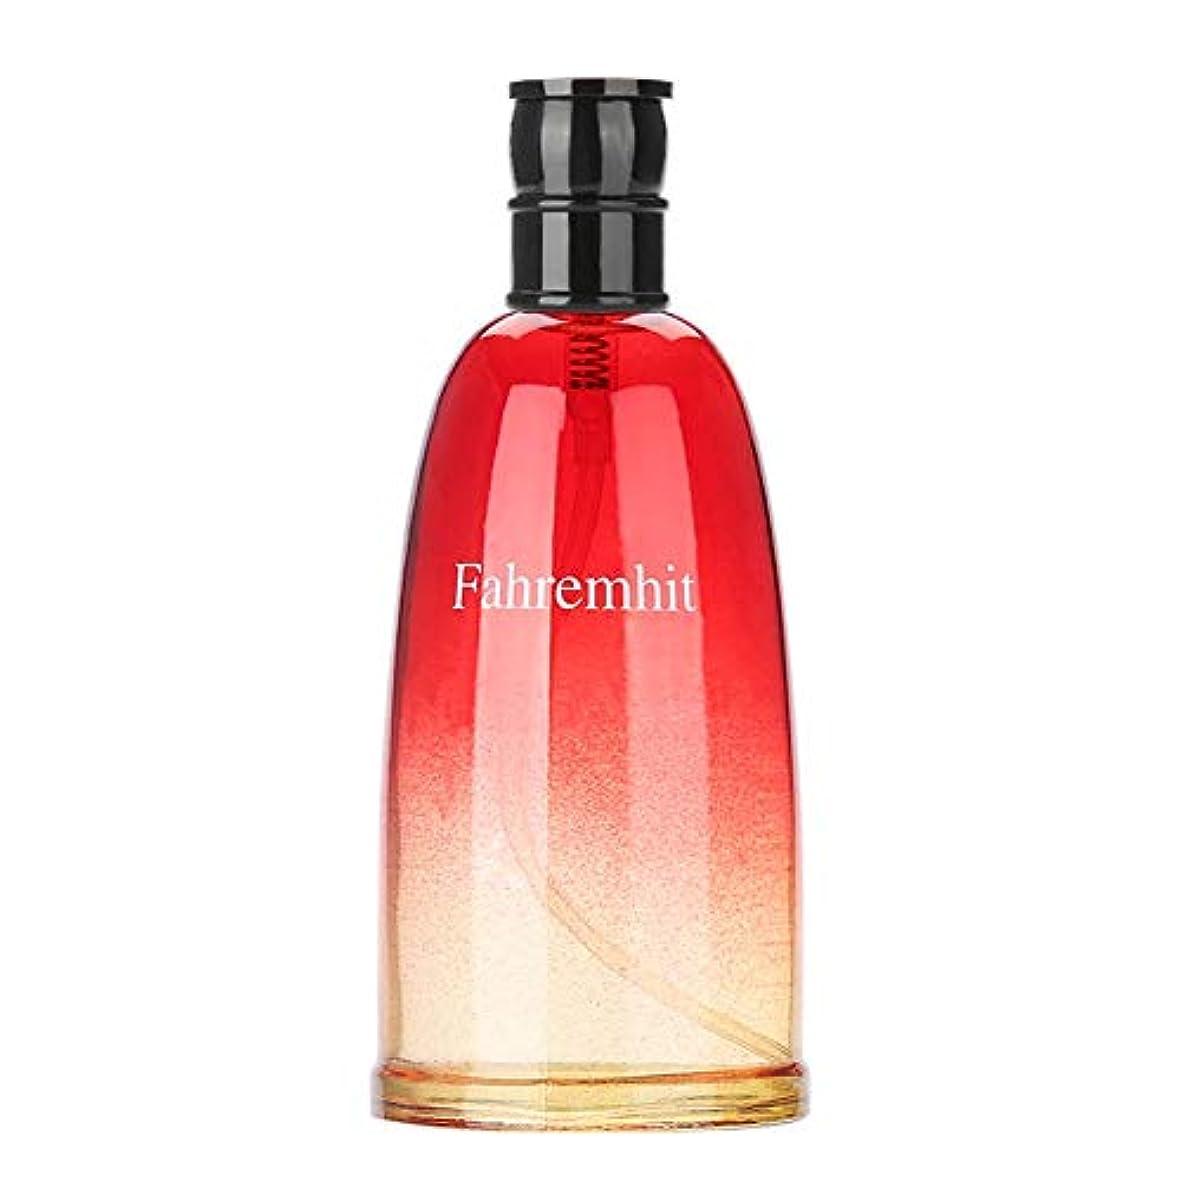 観光に行くベックス移行する男性用香水、100 mlウッドフレグランス、男性用黒紳士スプレーボトル香水、トイレの水